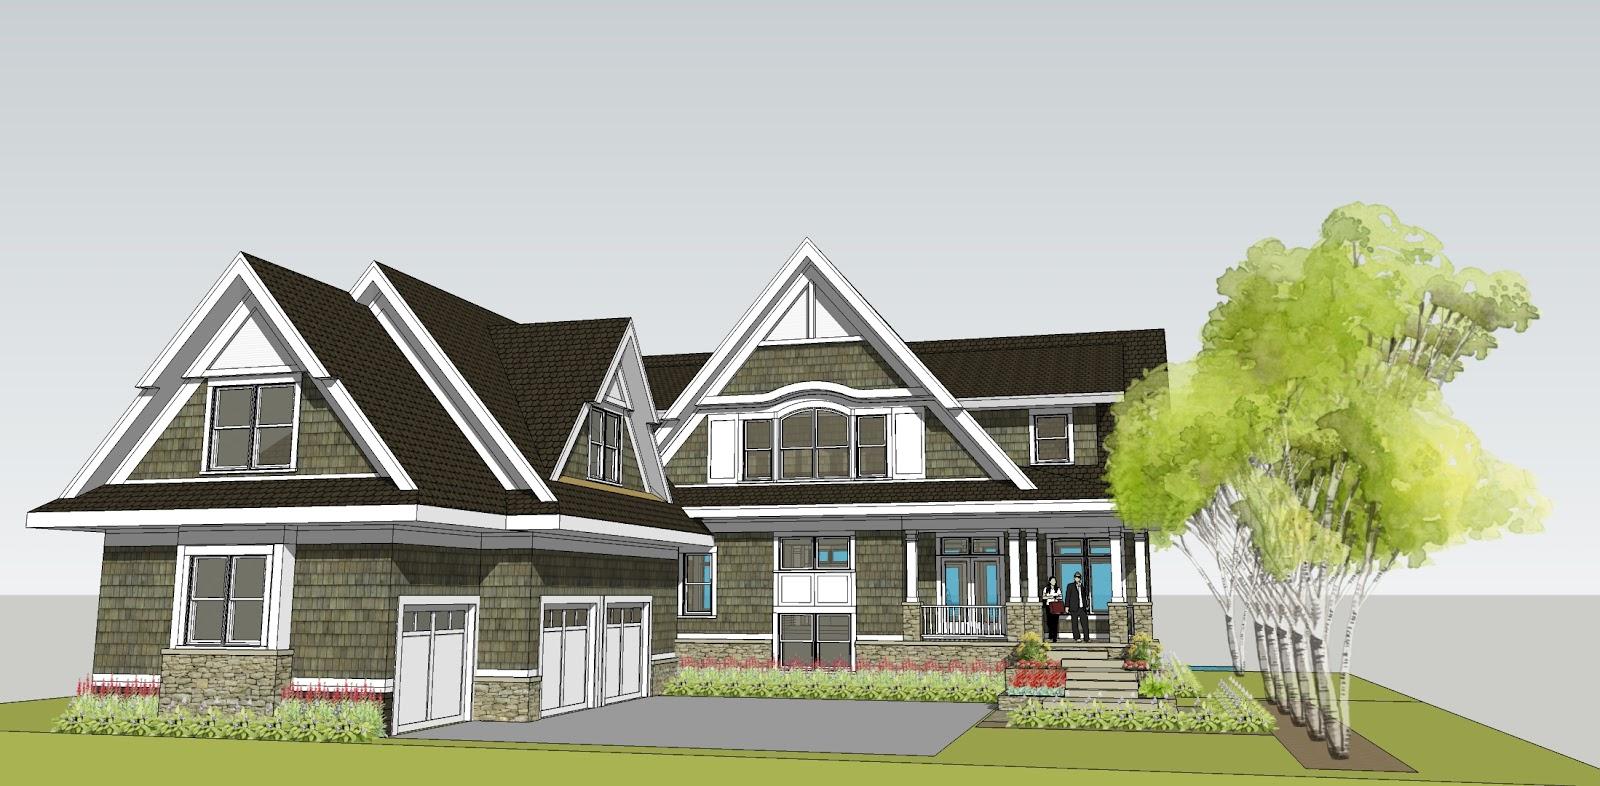 simply elegant home designs blog may 2012. Black Bedroom Furniture Sets. Home Design Ideas